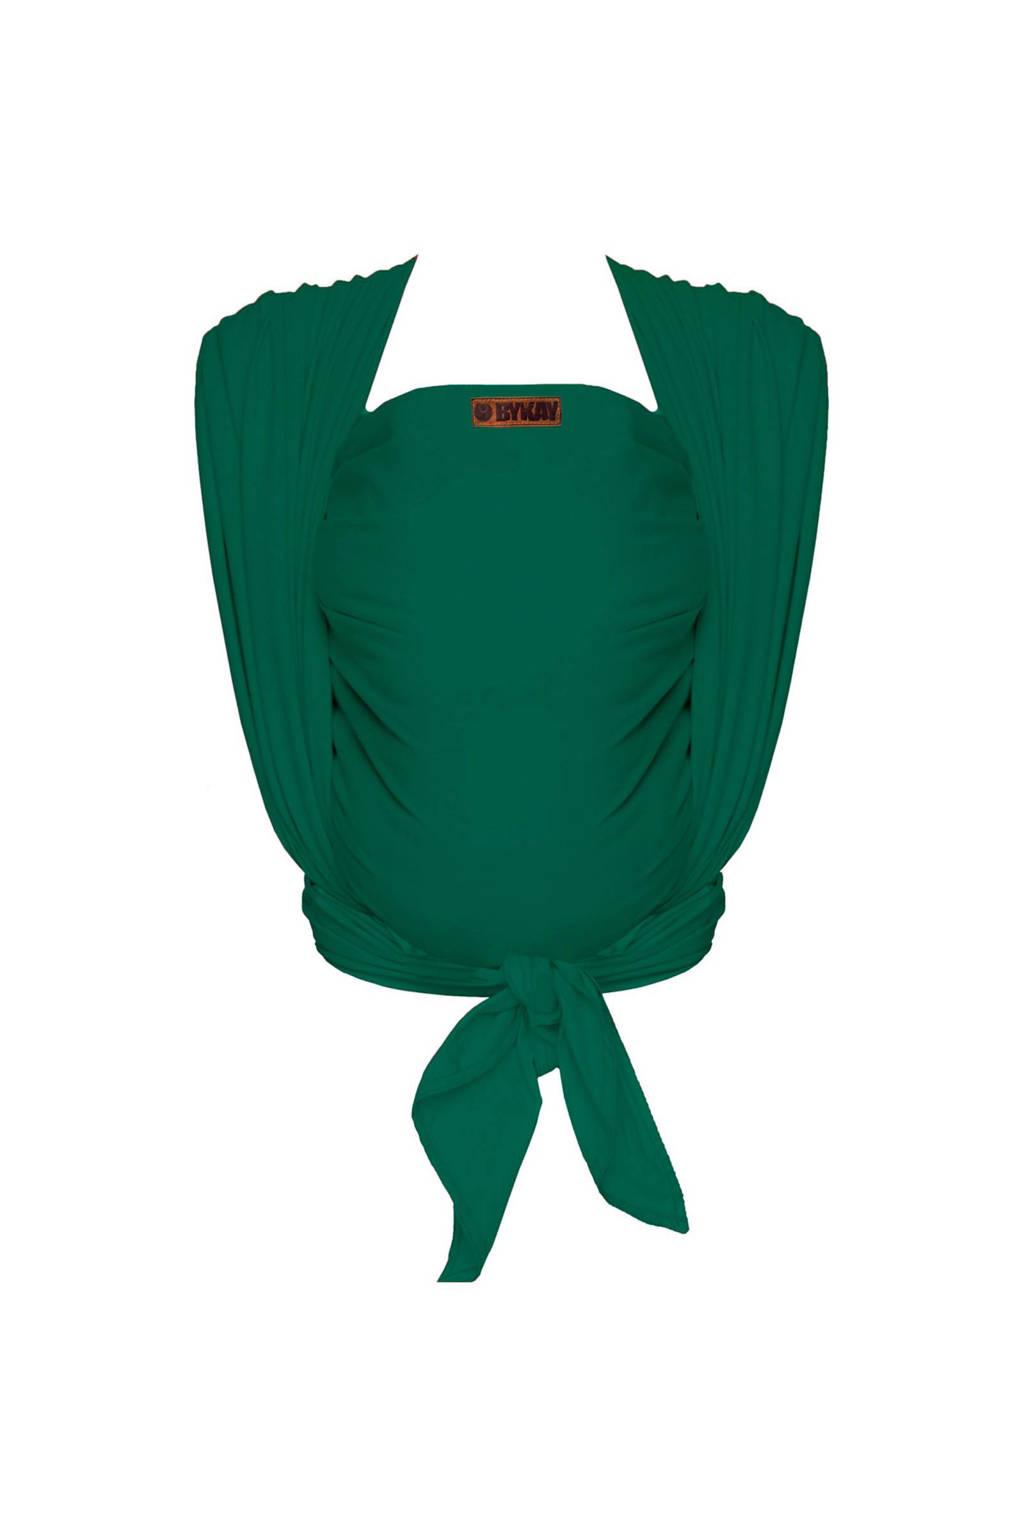 ByKay draagdoek Woven Wrap Deluxe 60116 groen, forest green